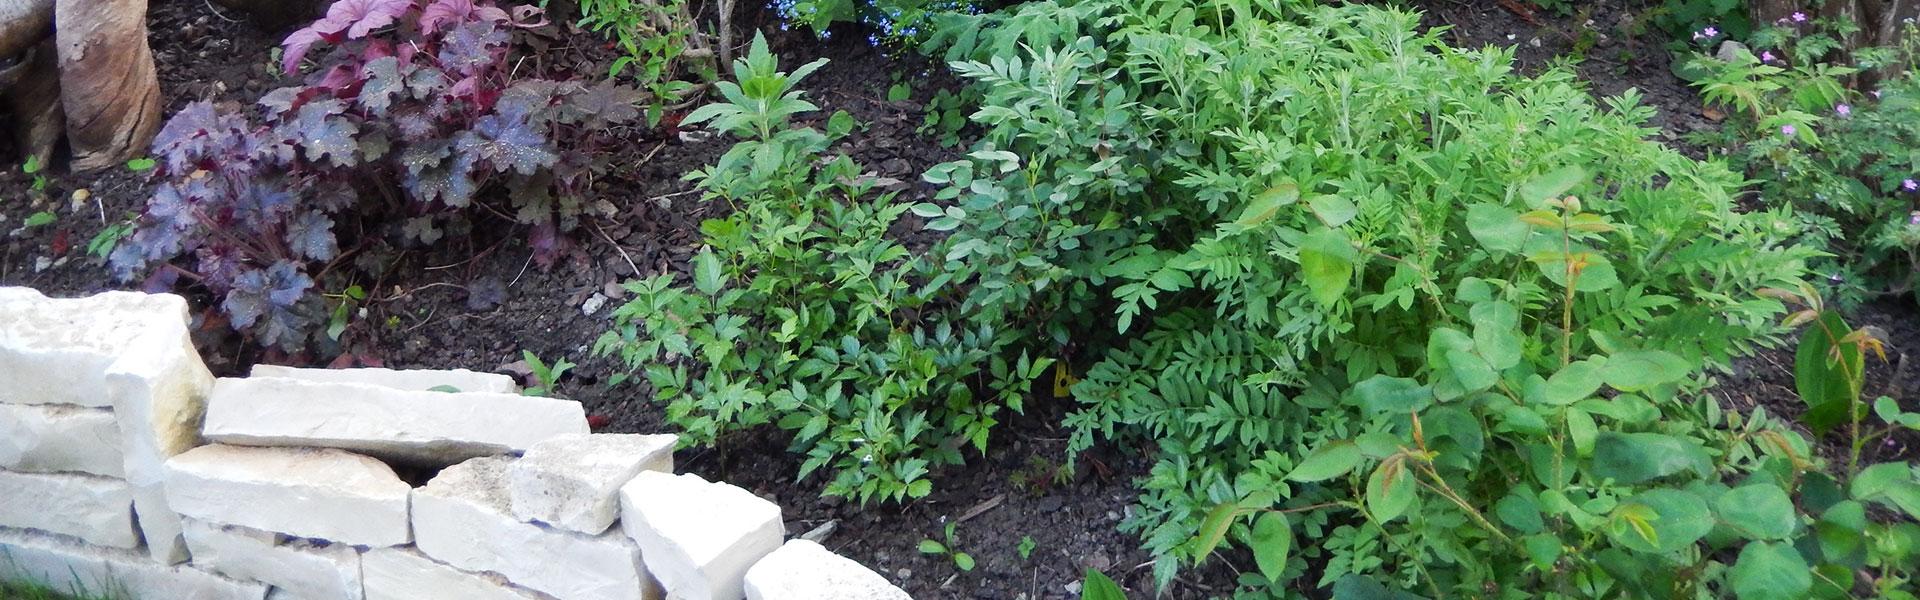 Amenagement Jardin Exterieur Photo plus que pro